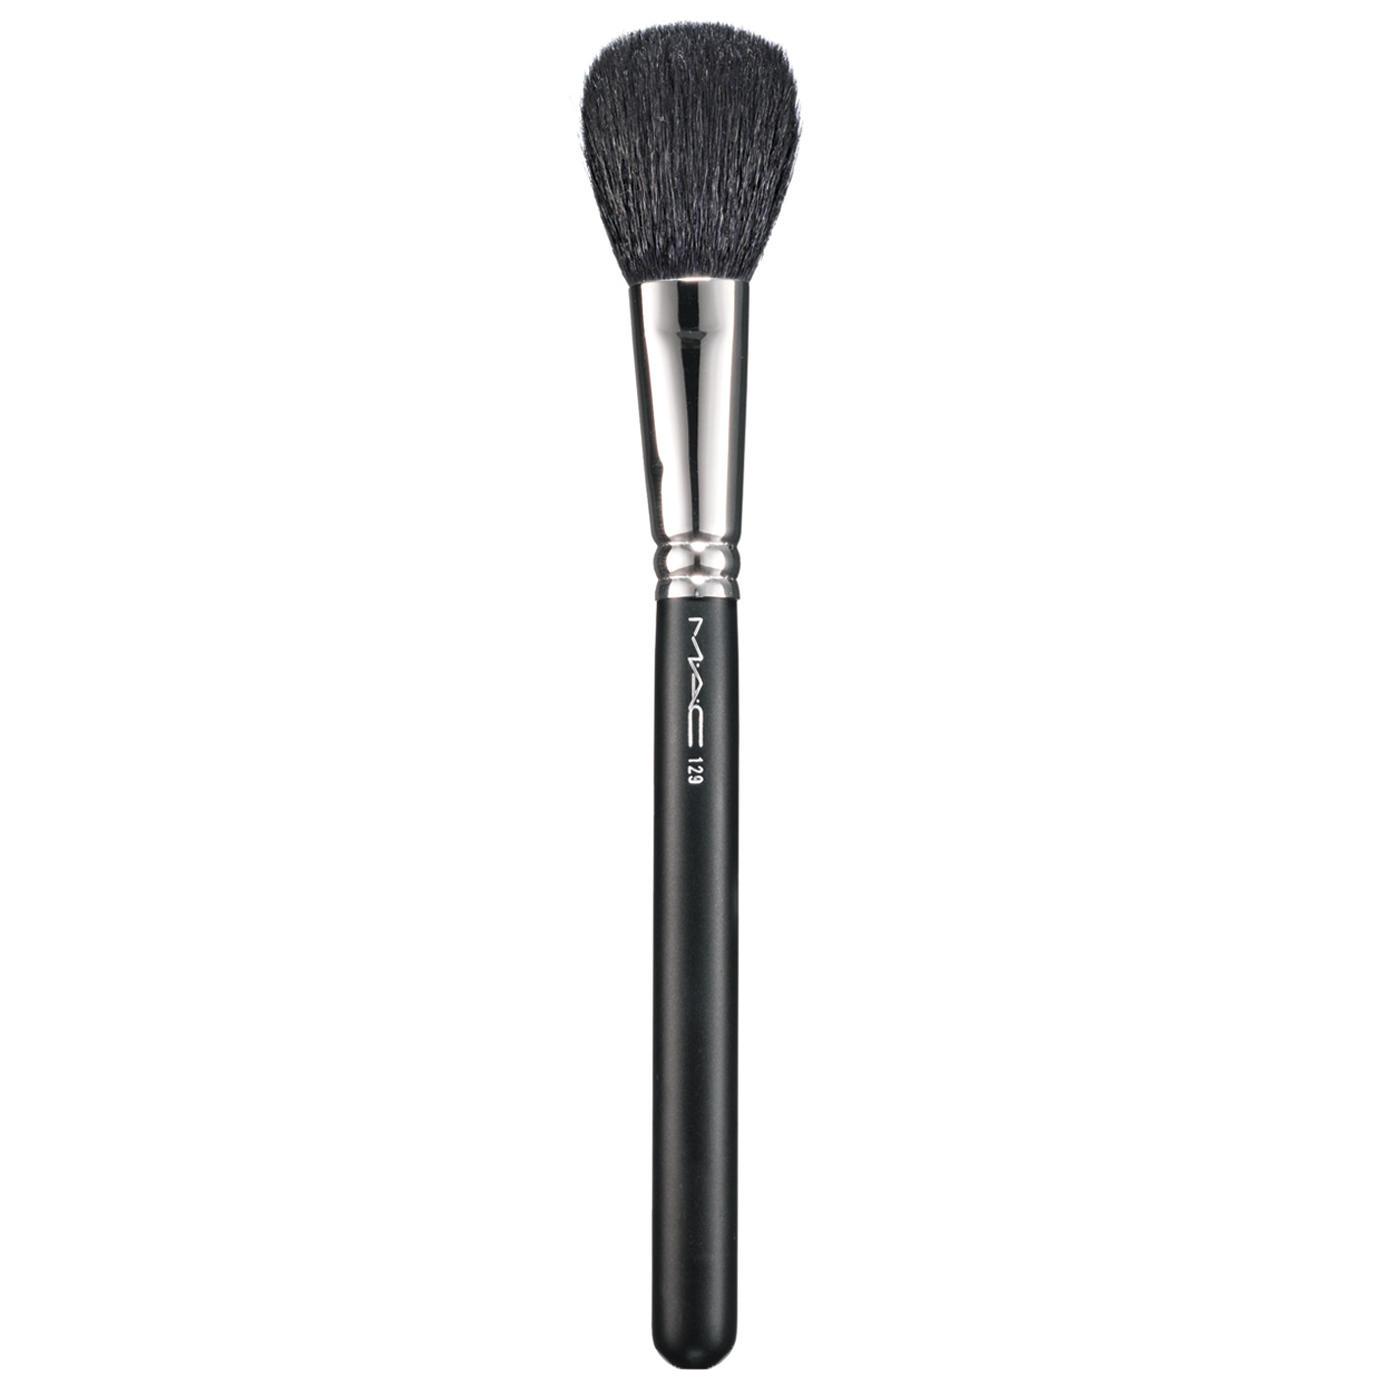 MAC Powder & Blush Brush 129